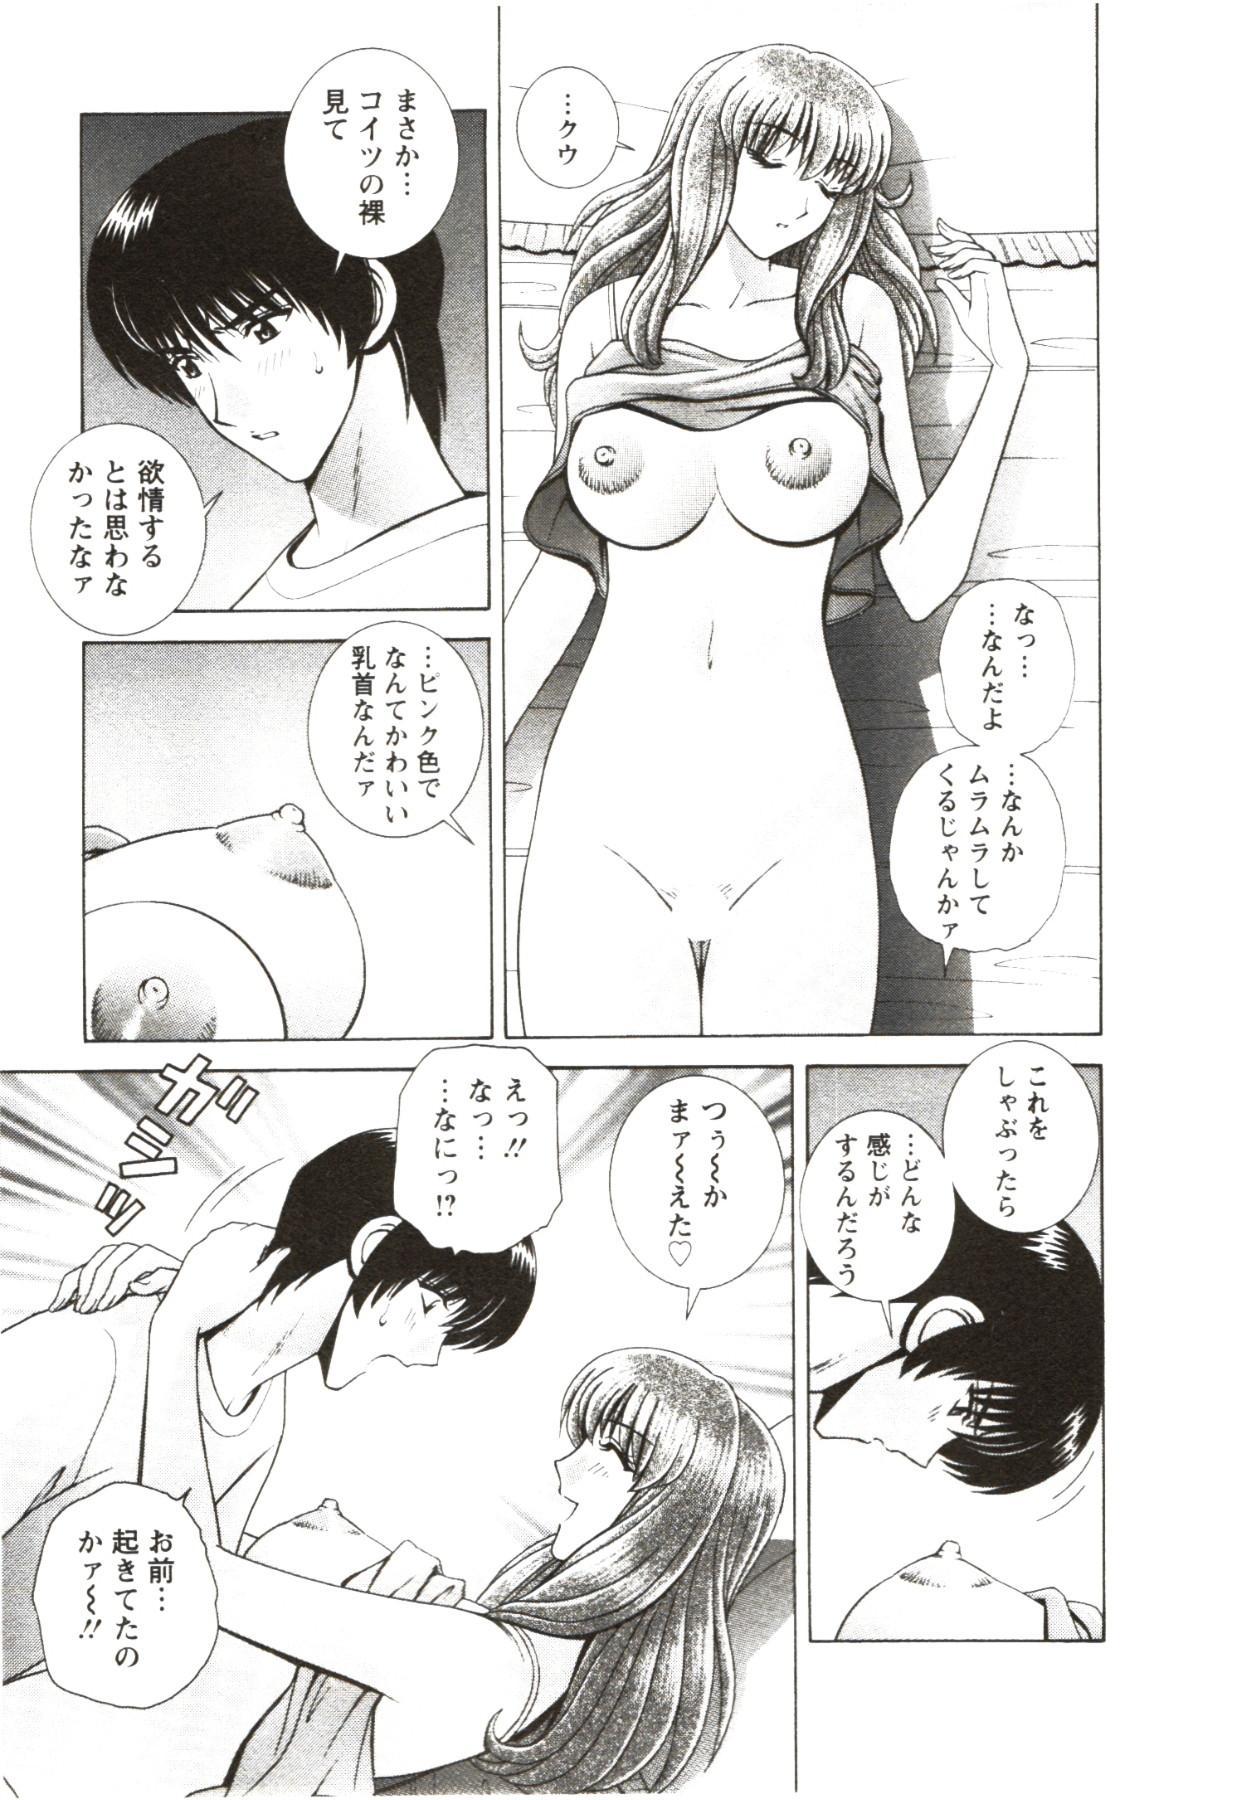 Futarigurashi 10